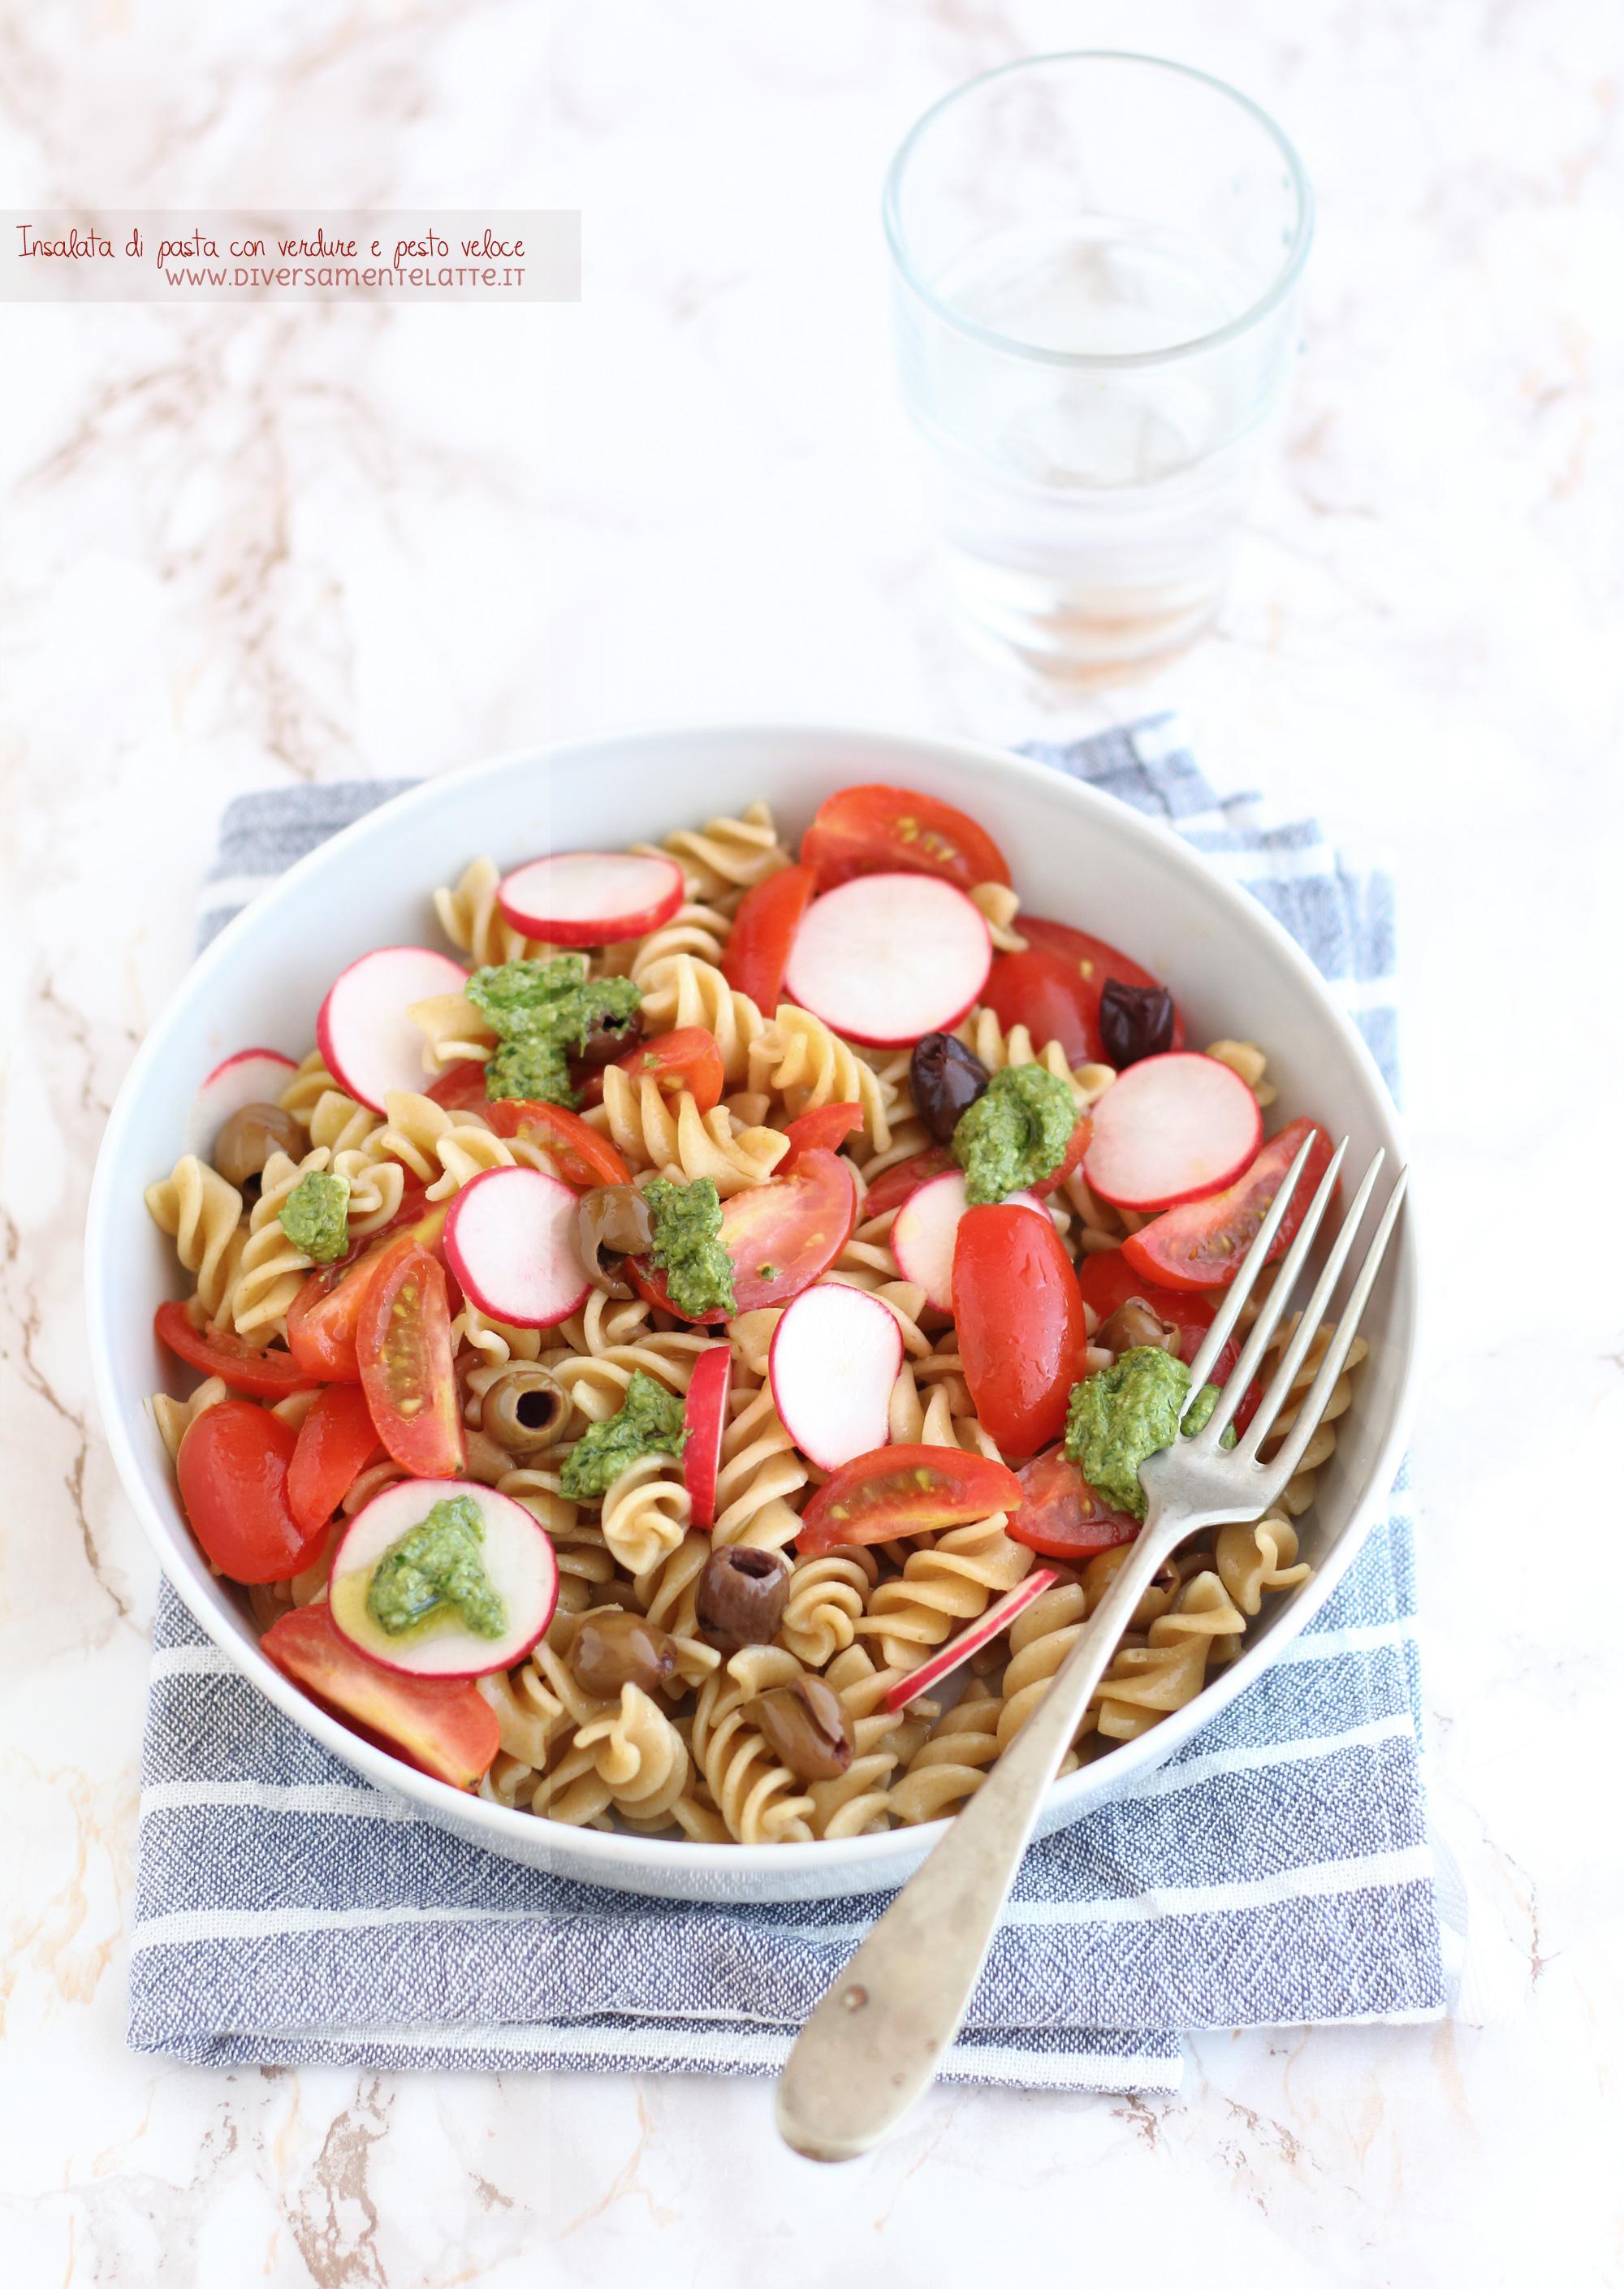 insalata di pasta con verdure e pesto